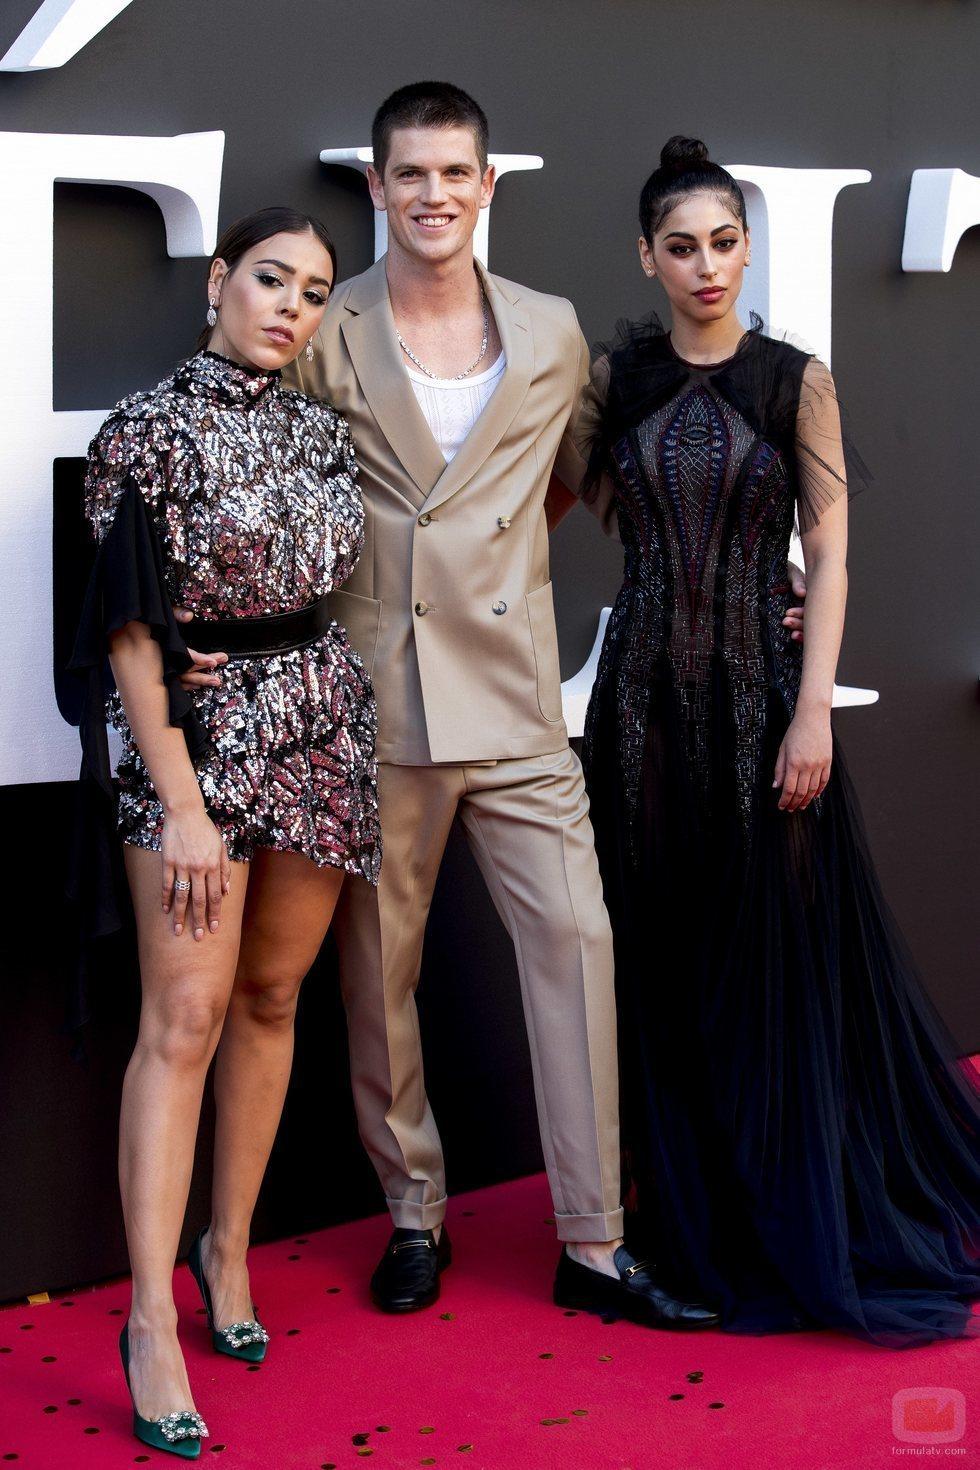 Danna Paola, Miguel Bernardeau y Mina El Hammani en el estreno de la segunda temporada de 'Élite'